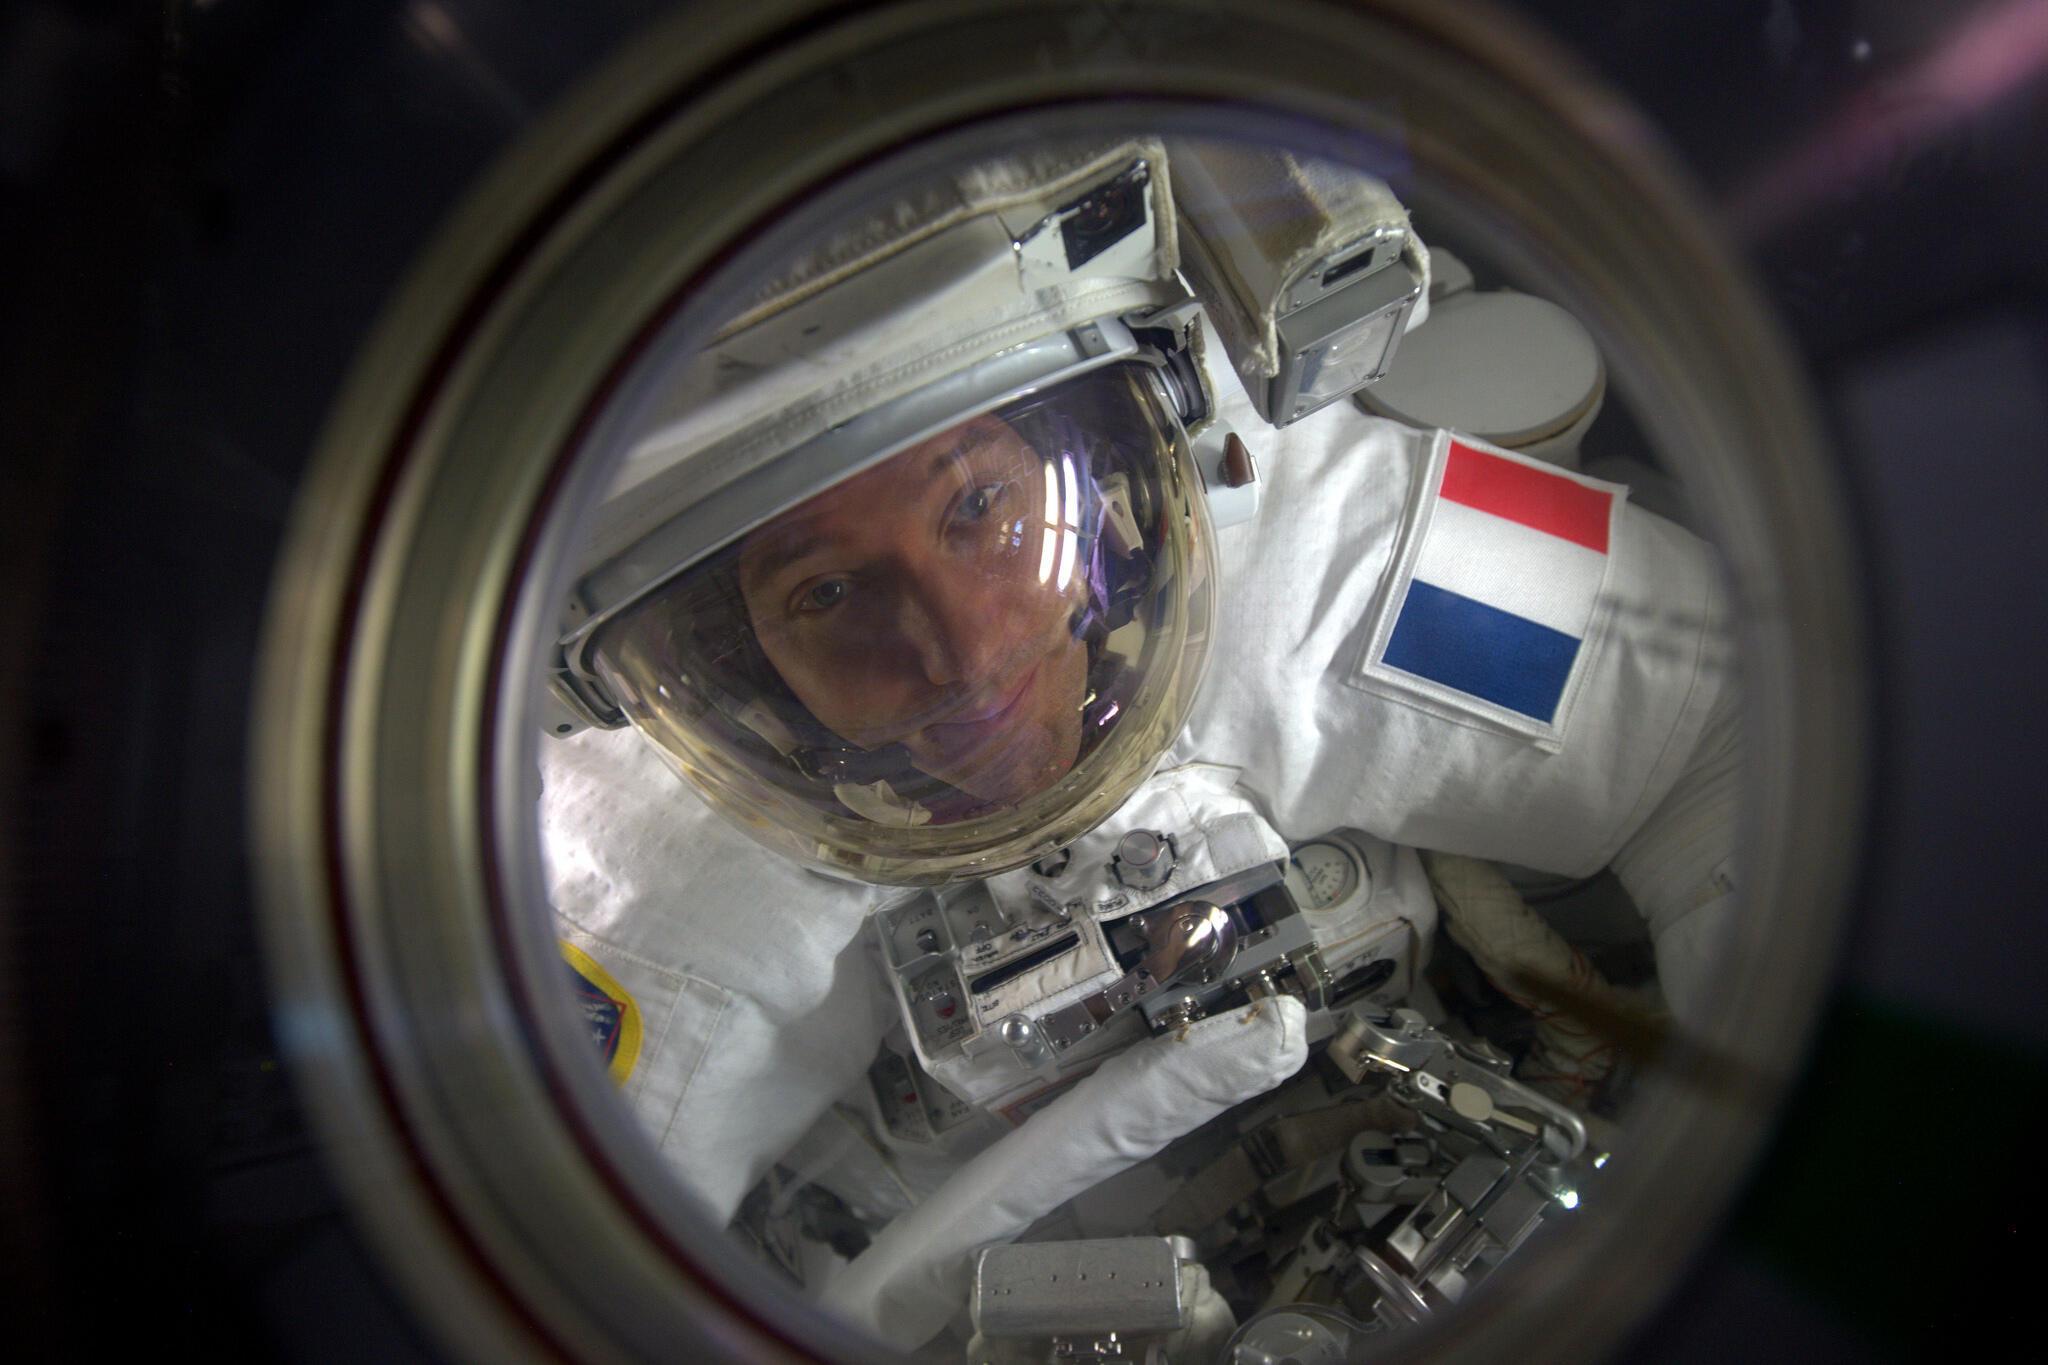 L'astronaute Thomas Pesquet dans le sas, à travers le hublot de la station spatiale internationale.